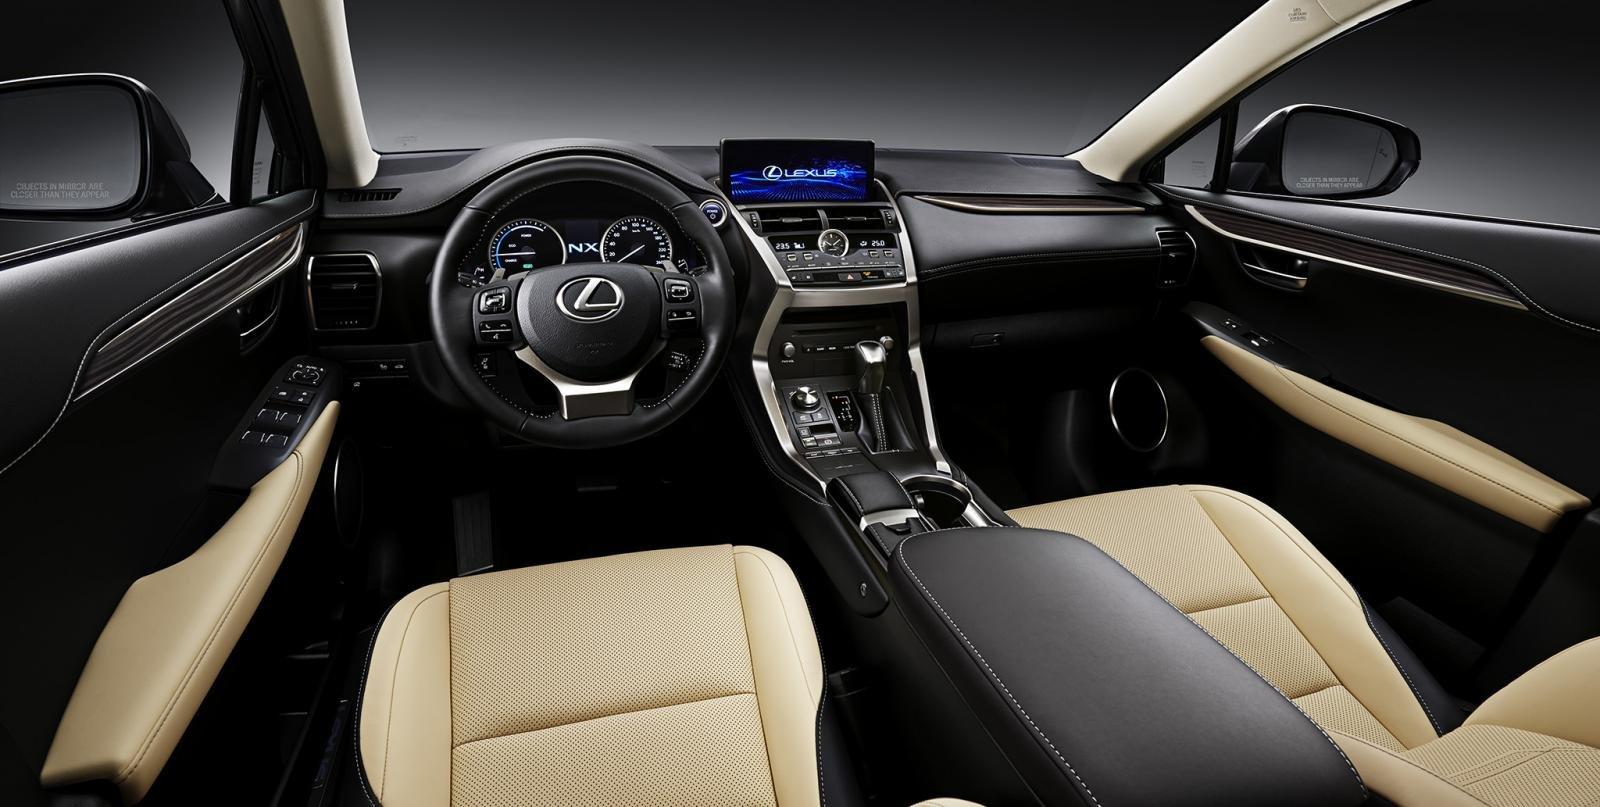 Khoang nội thất thể hiện đẳng cấp của dòng xe sang của Lexus NX 300 2020 1